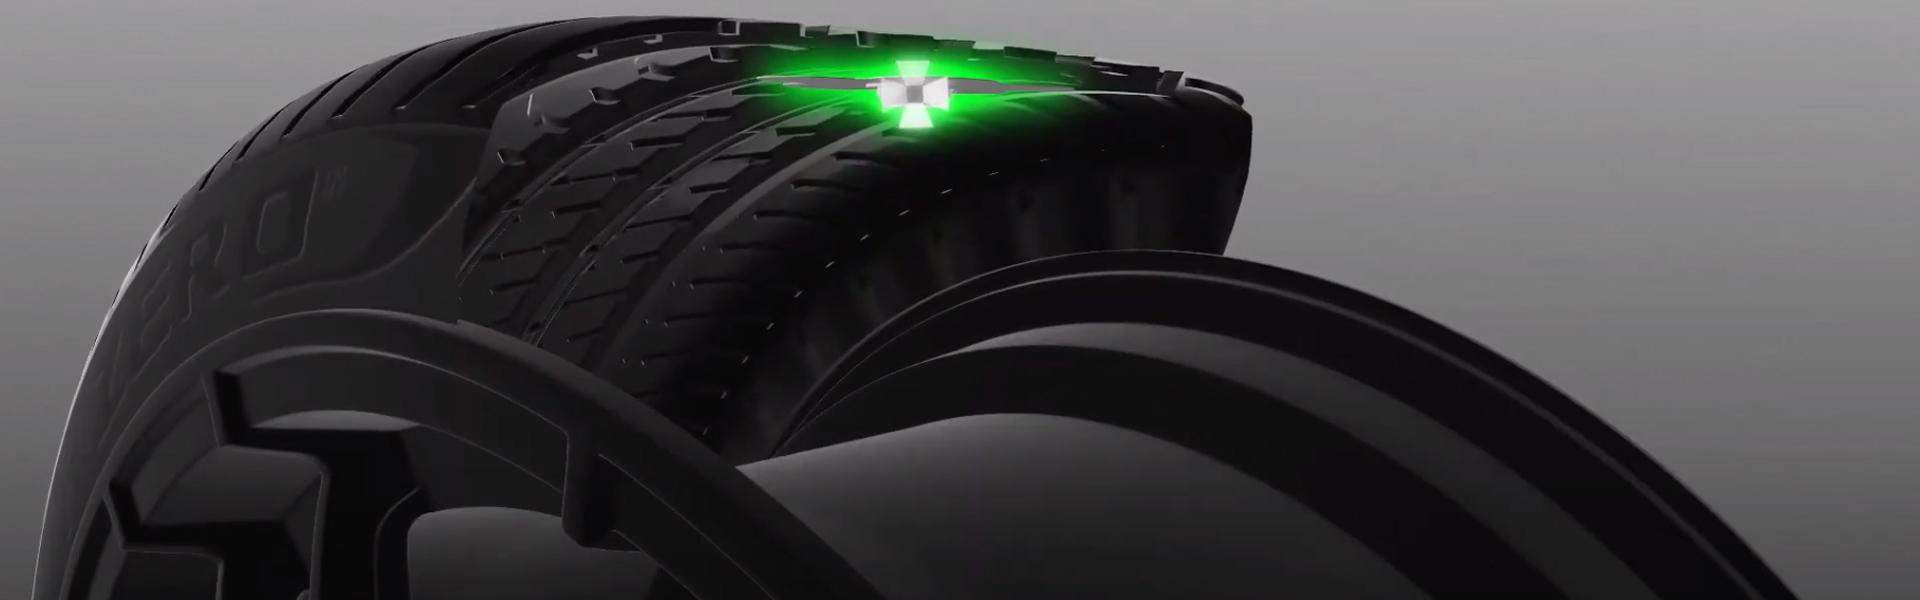 Pneus connectés, les Pirelli Cyber Tyre arrivent